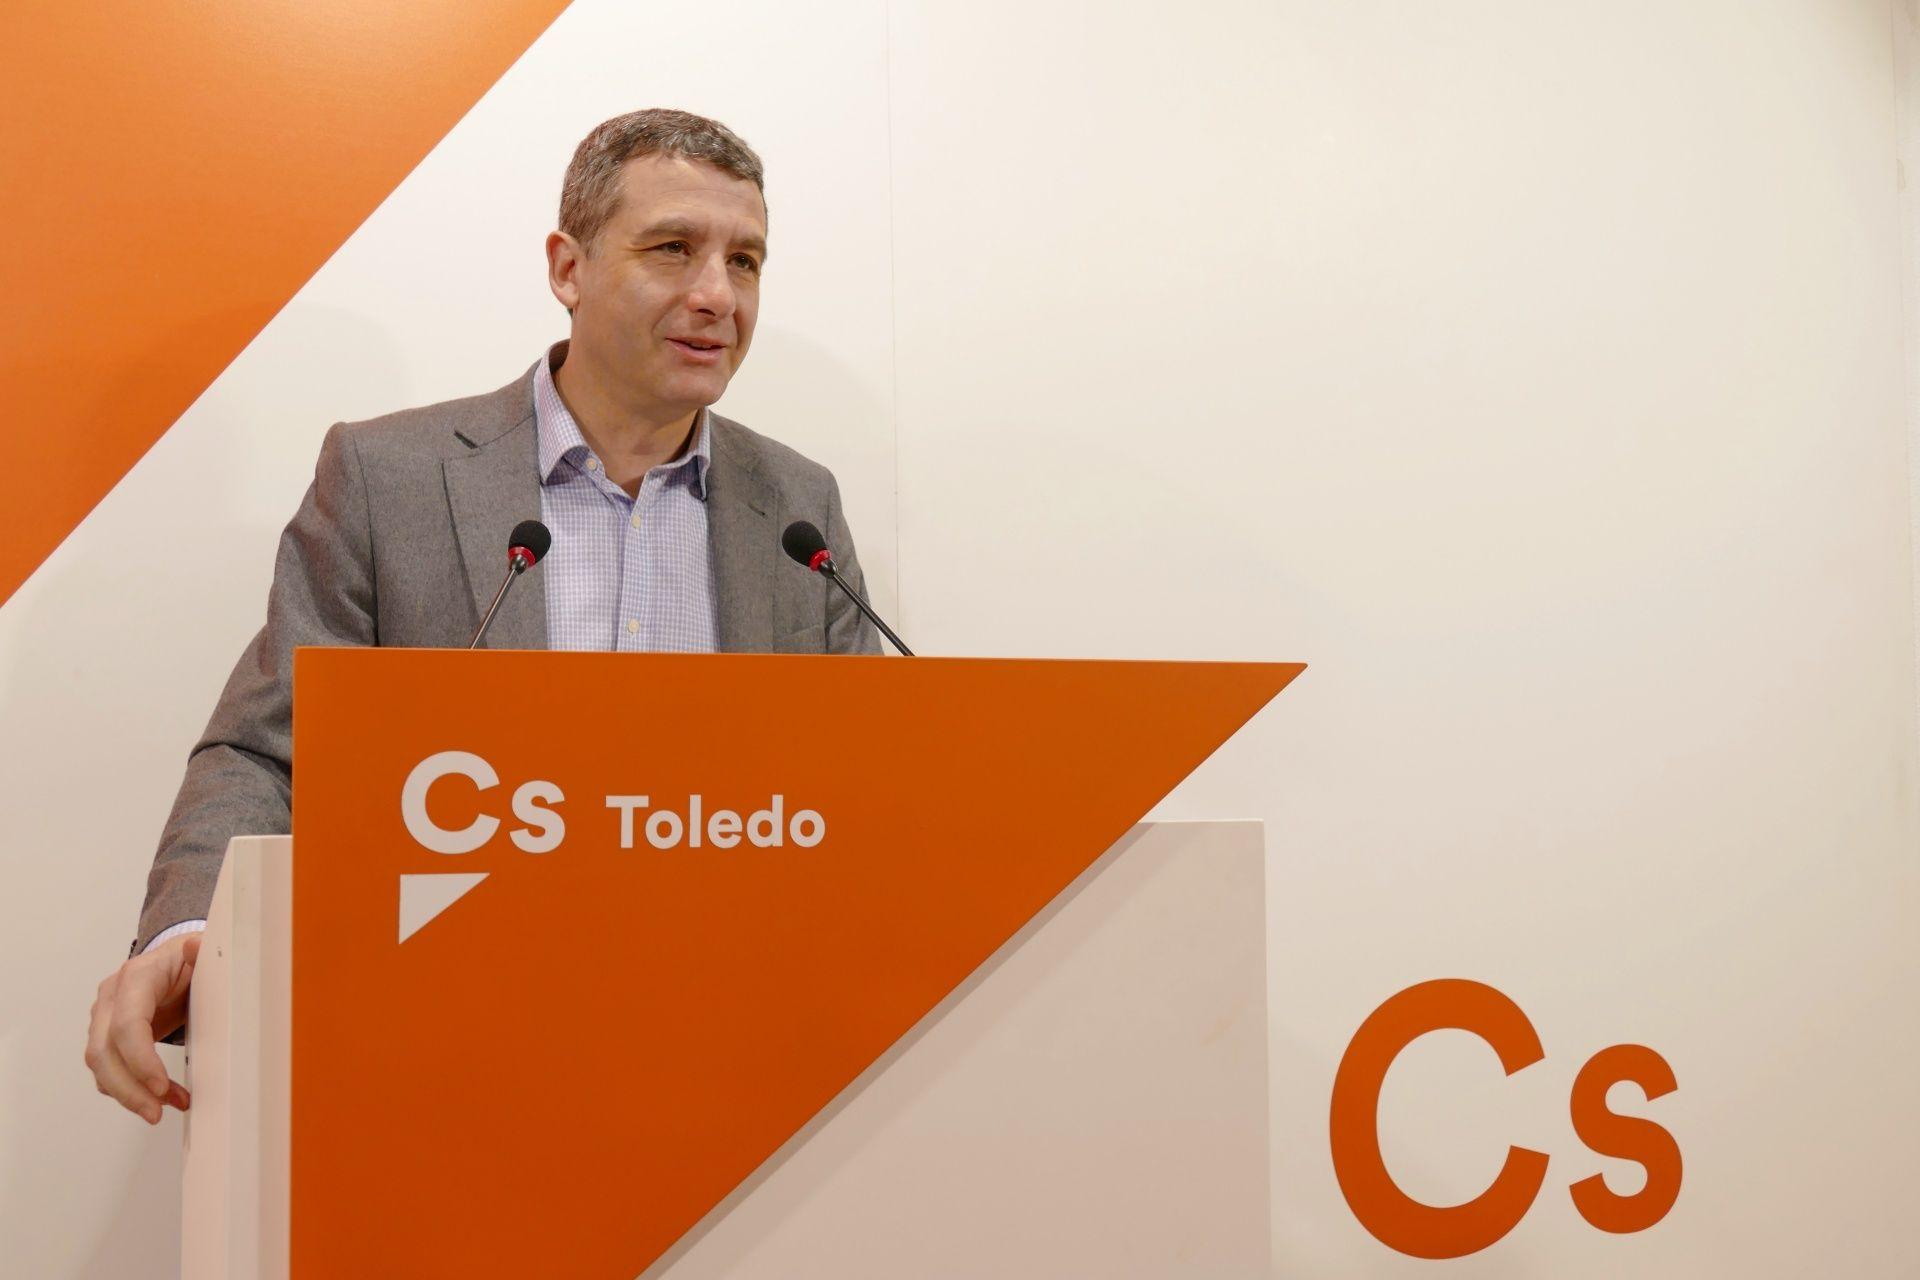 Ciudadanos propone implantar la Tarjeta Ciudadana Única en Toledo para facilitar a los vecinos el acceso a los servicios